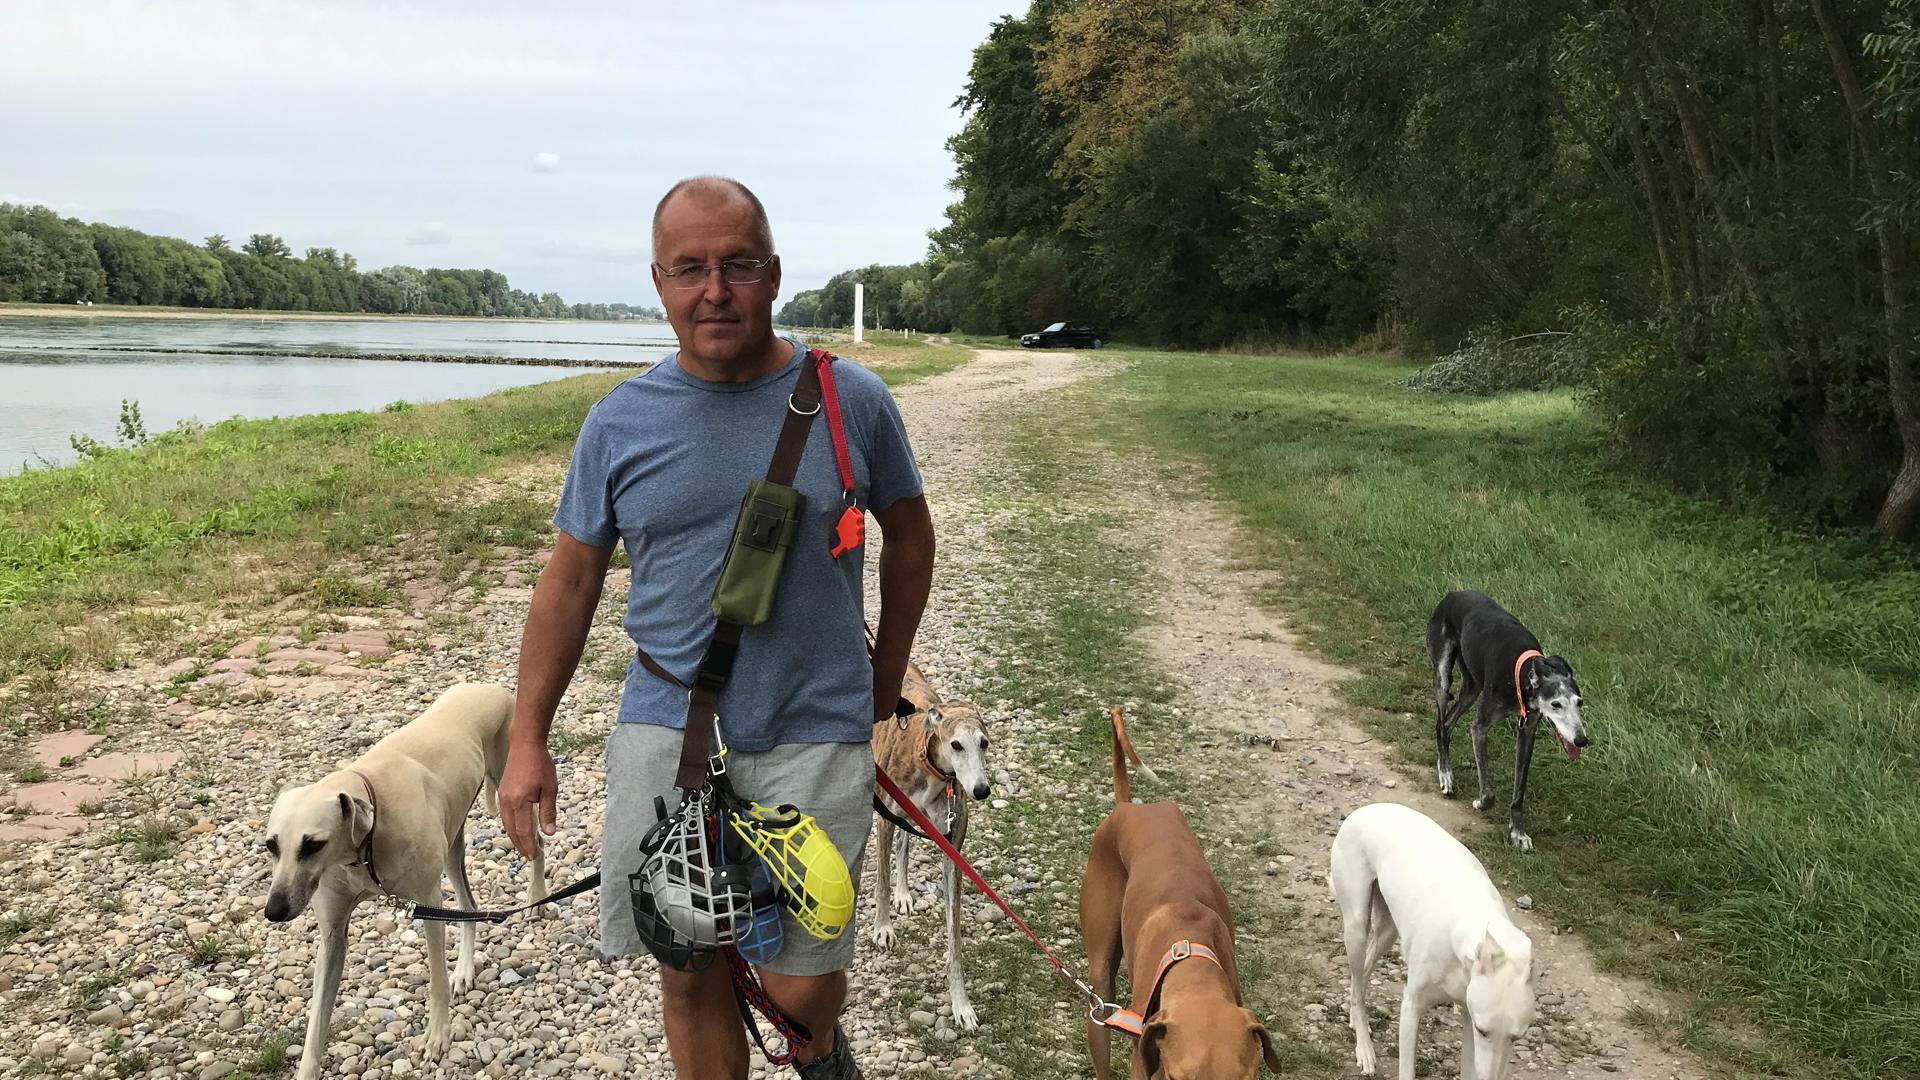 Ein Mann mit fünf Hunden an einem Flussufer.